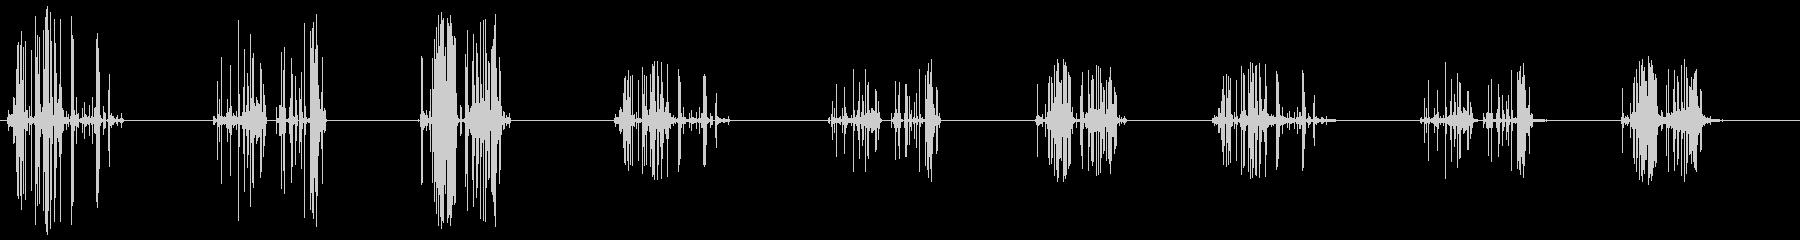 クリスタルが地面に落ちる-休憩の未再生の波形